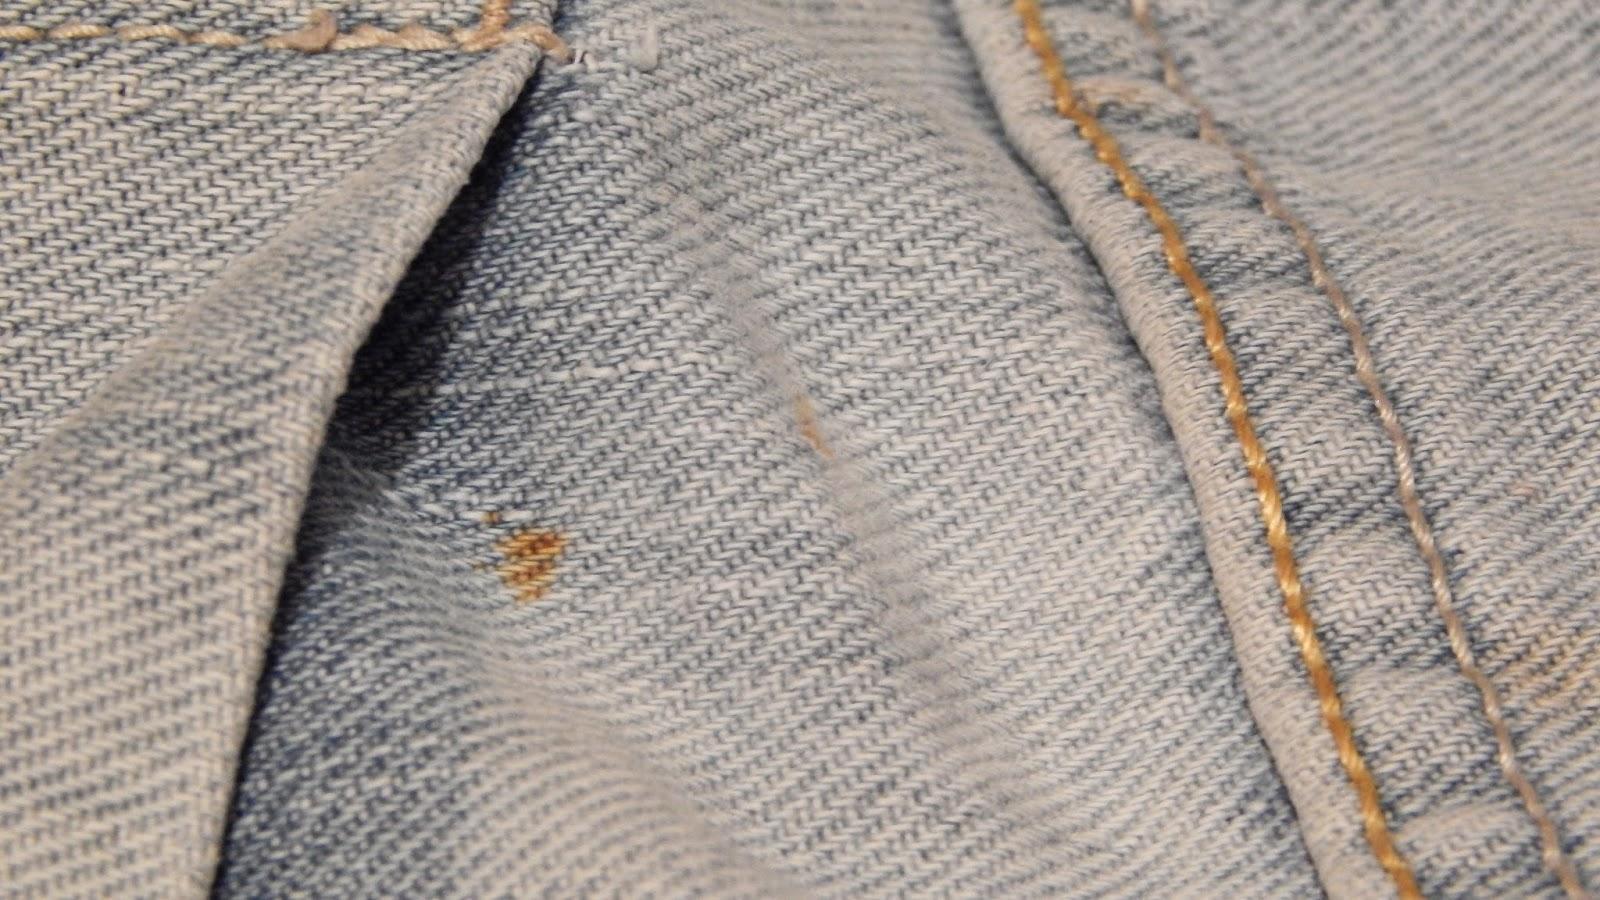 Как убрать ржавчину с одежды, как вывести ржавчину с одежды, чем отстирать ржавчину с белой одежды